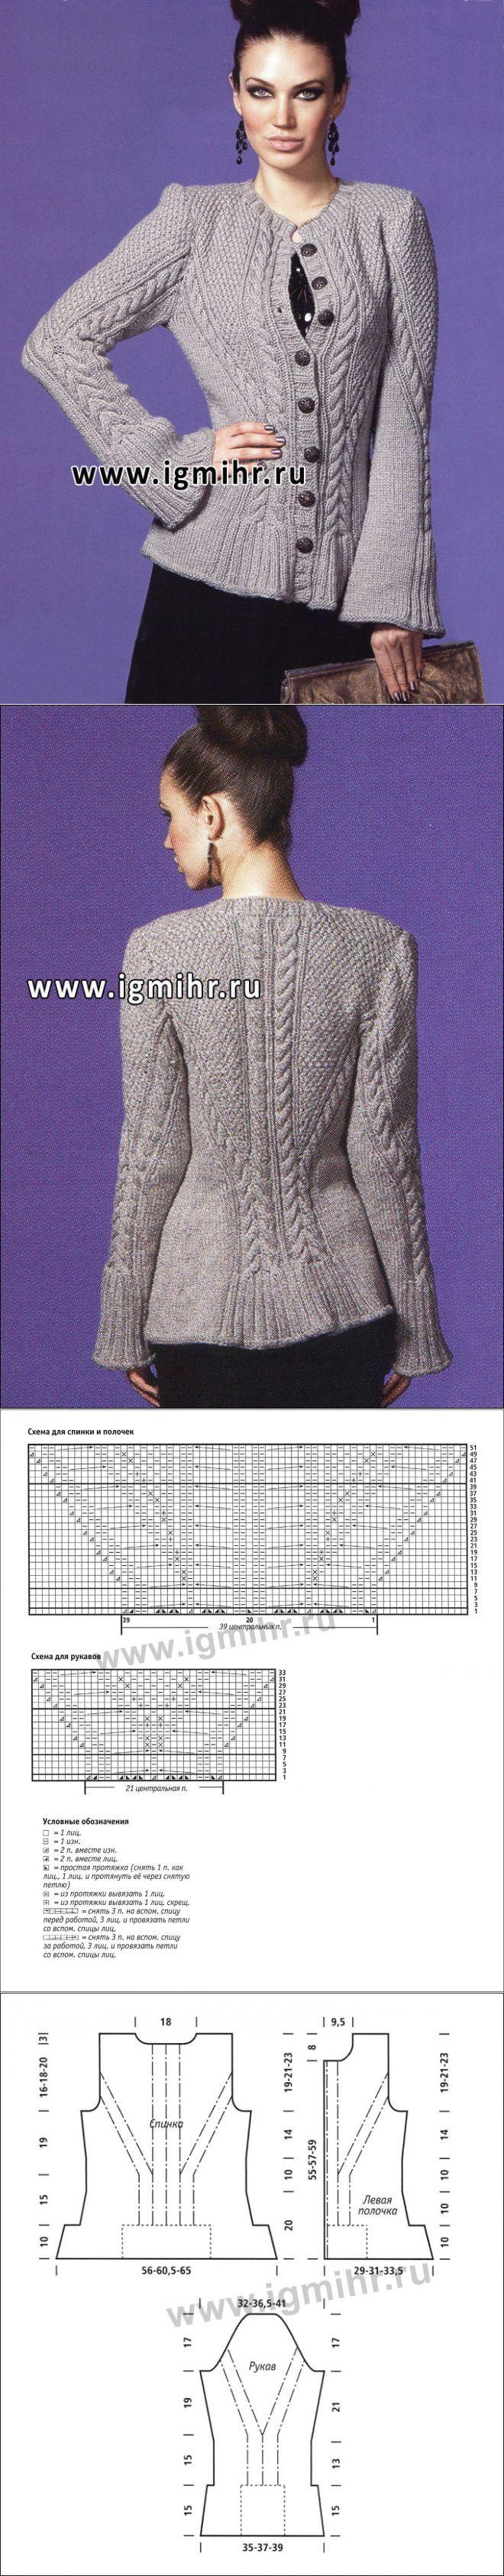 针织长袖开衫 - 蕾妮的日志 - 网易博客 | вязание | Постила